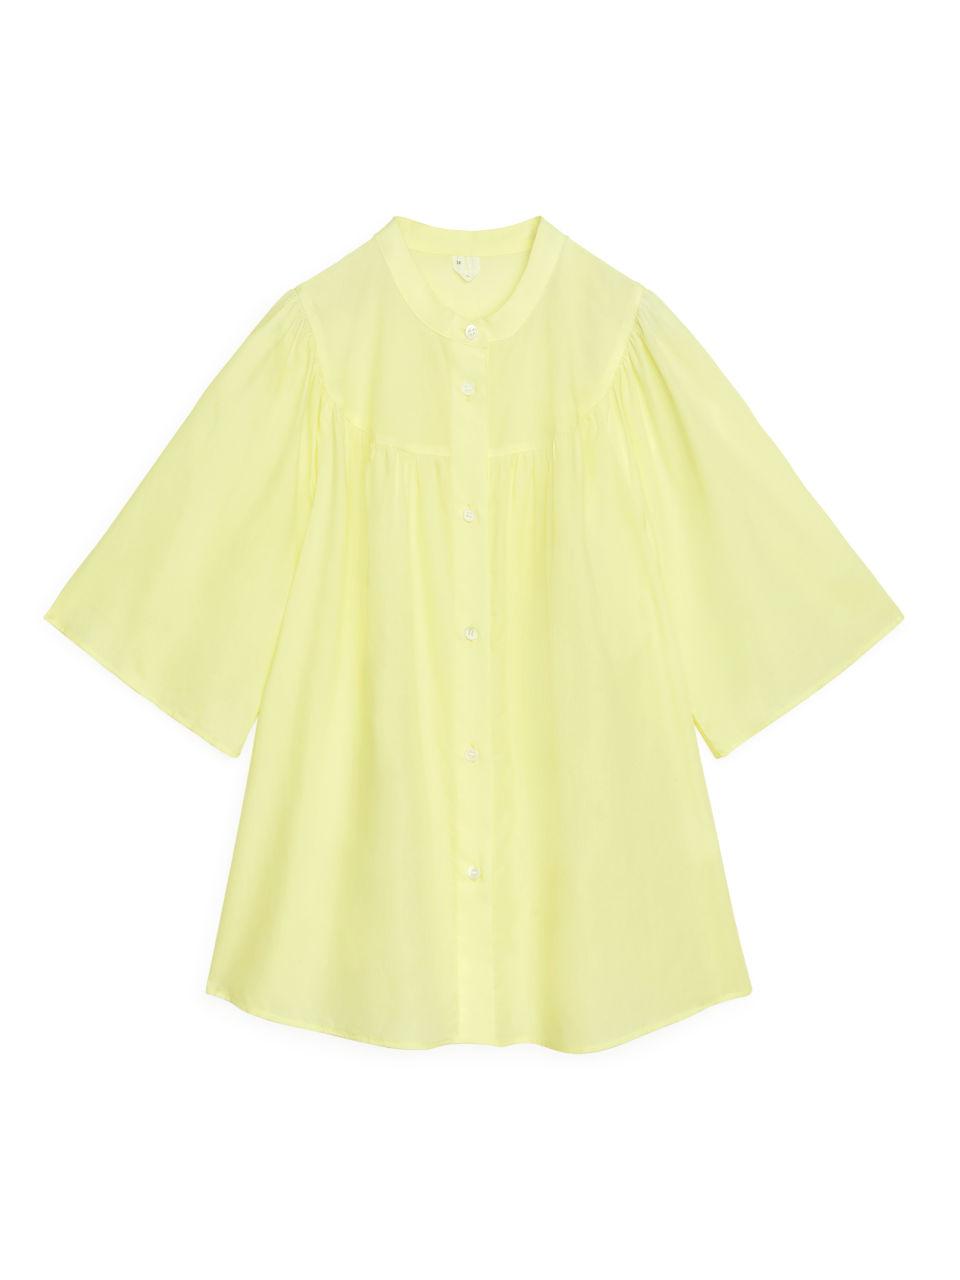 Gathered Lyocell Blouse - Yellow